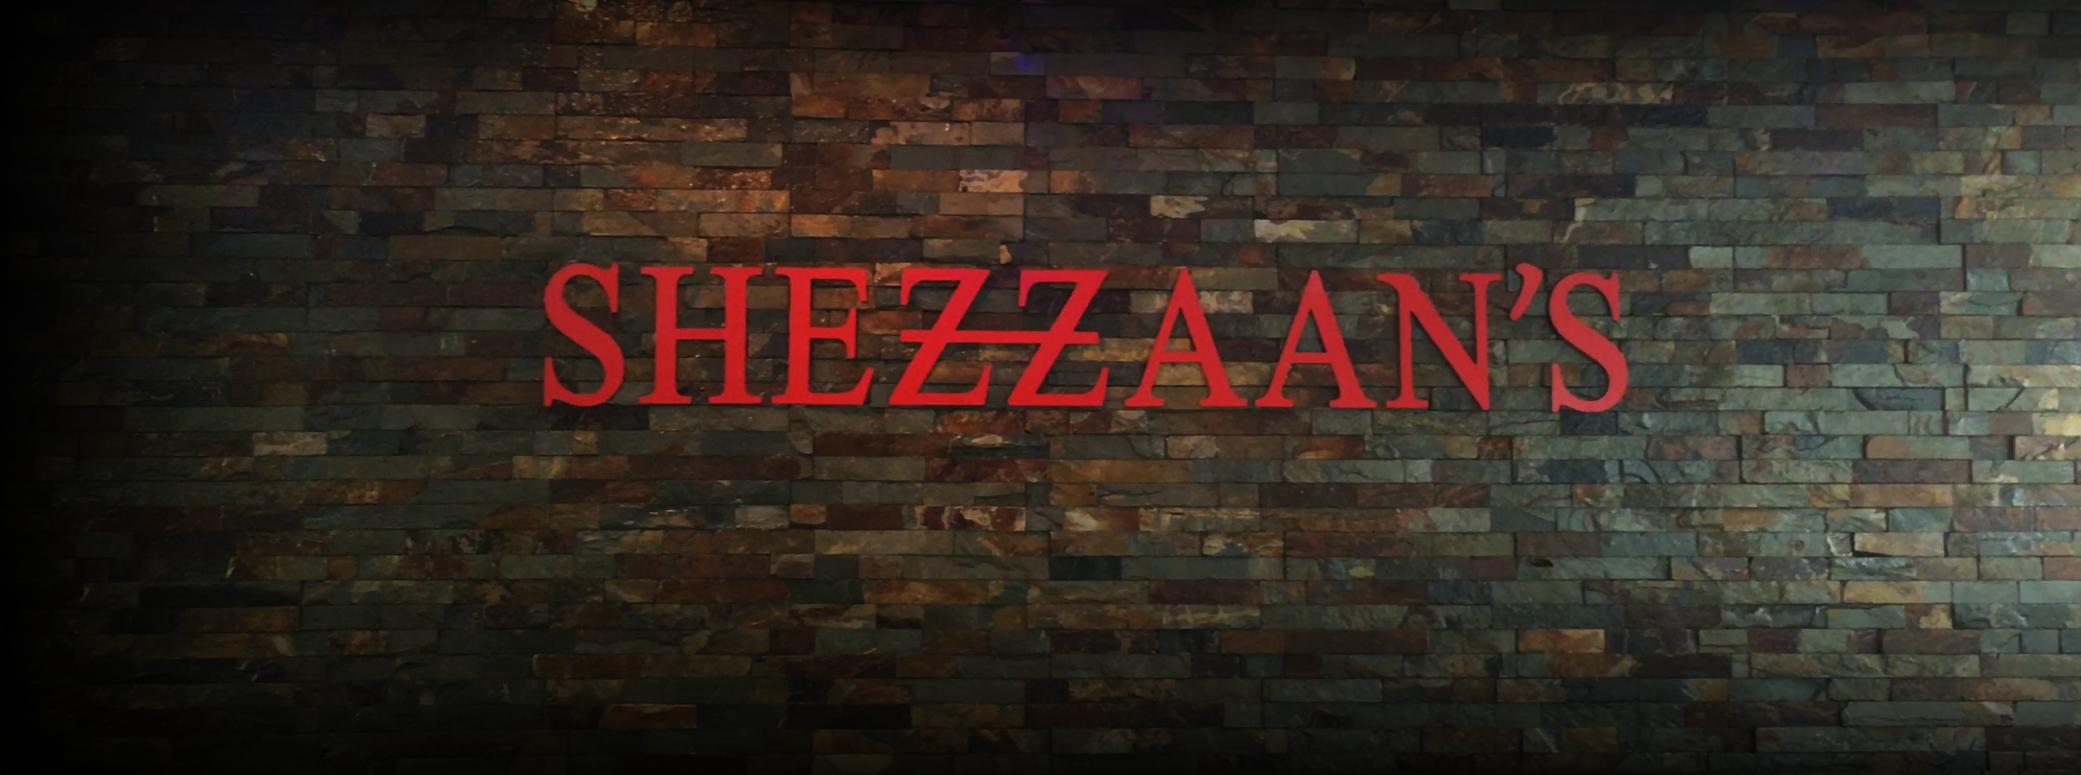 Shezzaans Wall